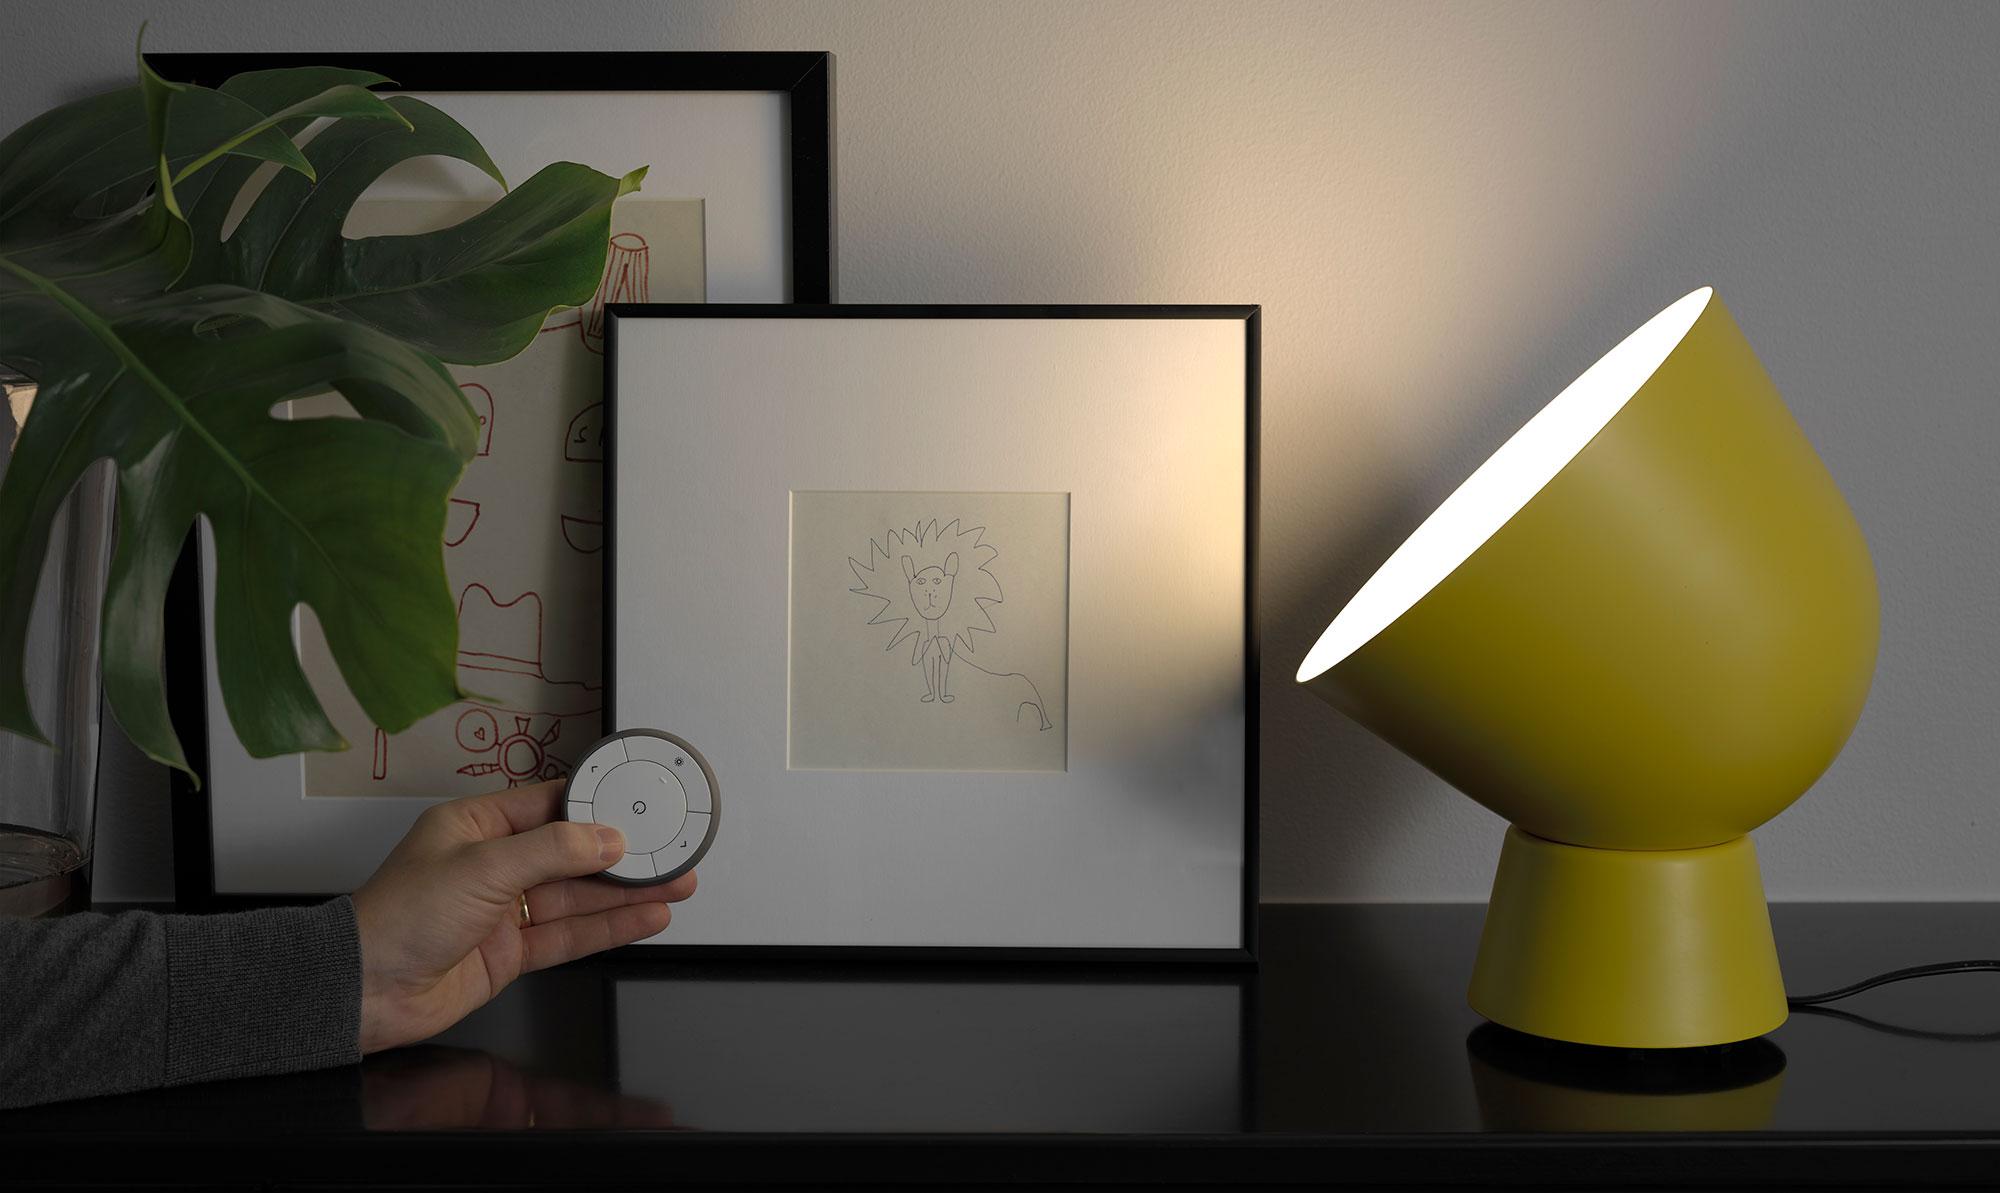 ikea 39 s smart lighting revolution begins slowly pickr. Black Bedroom Furniture Sets. Home Design Ideas